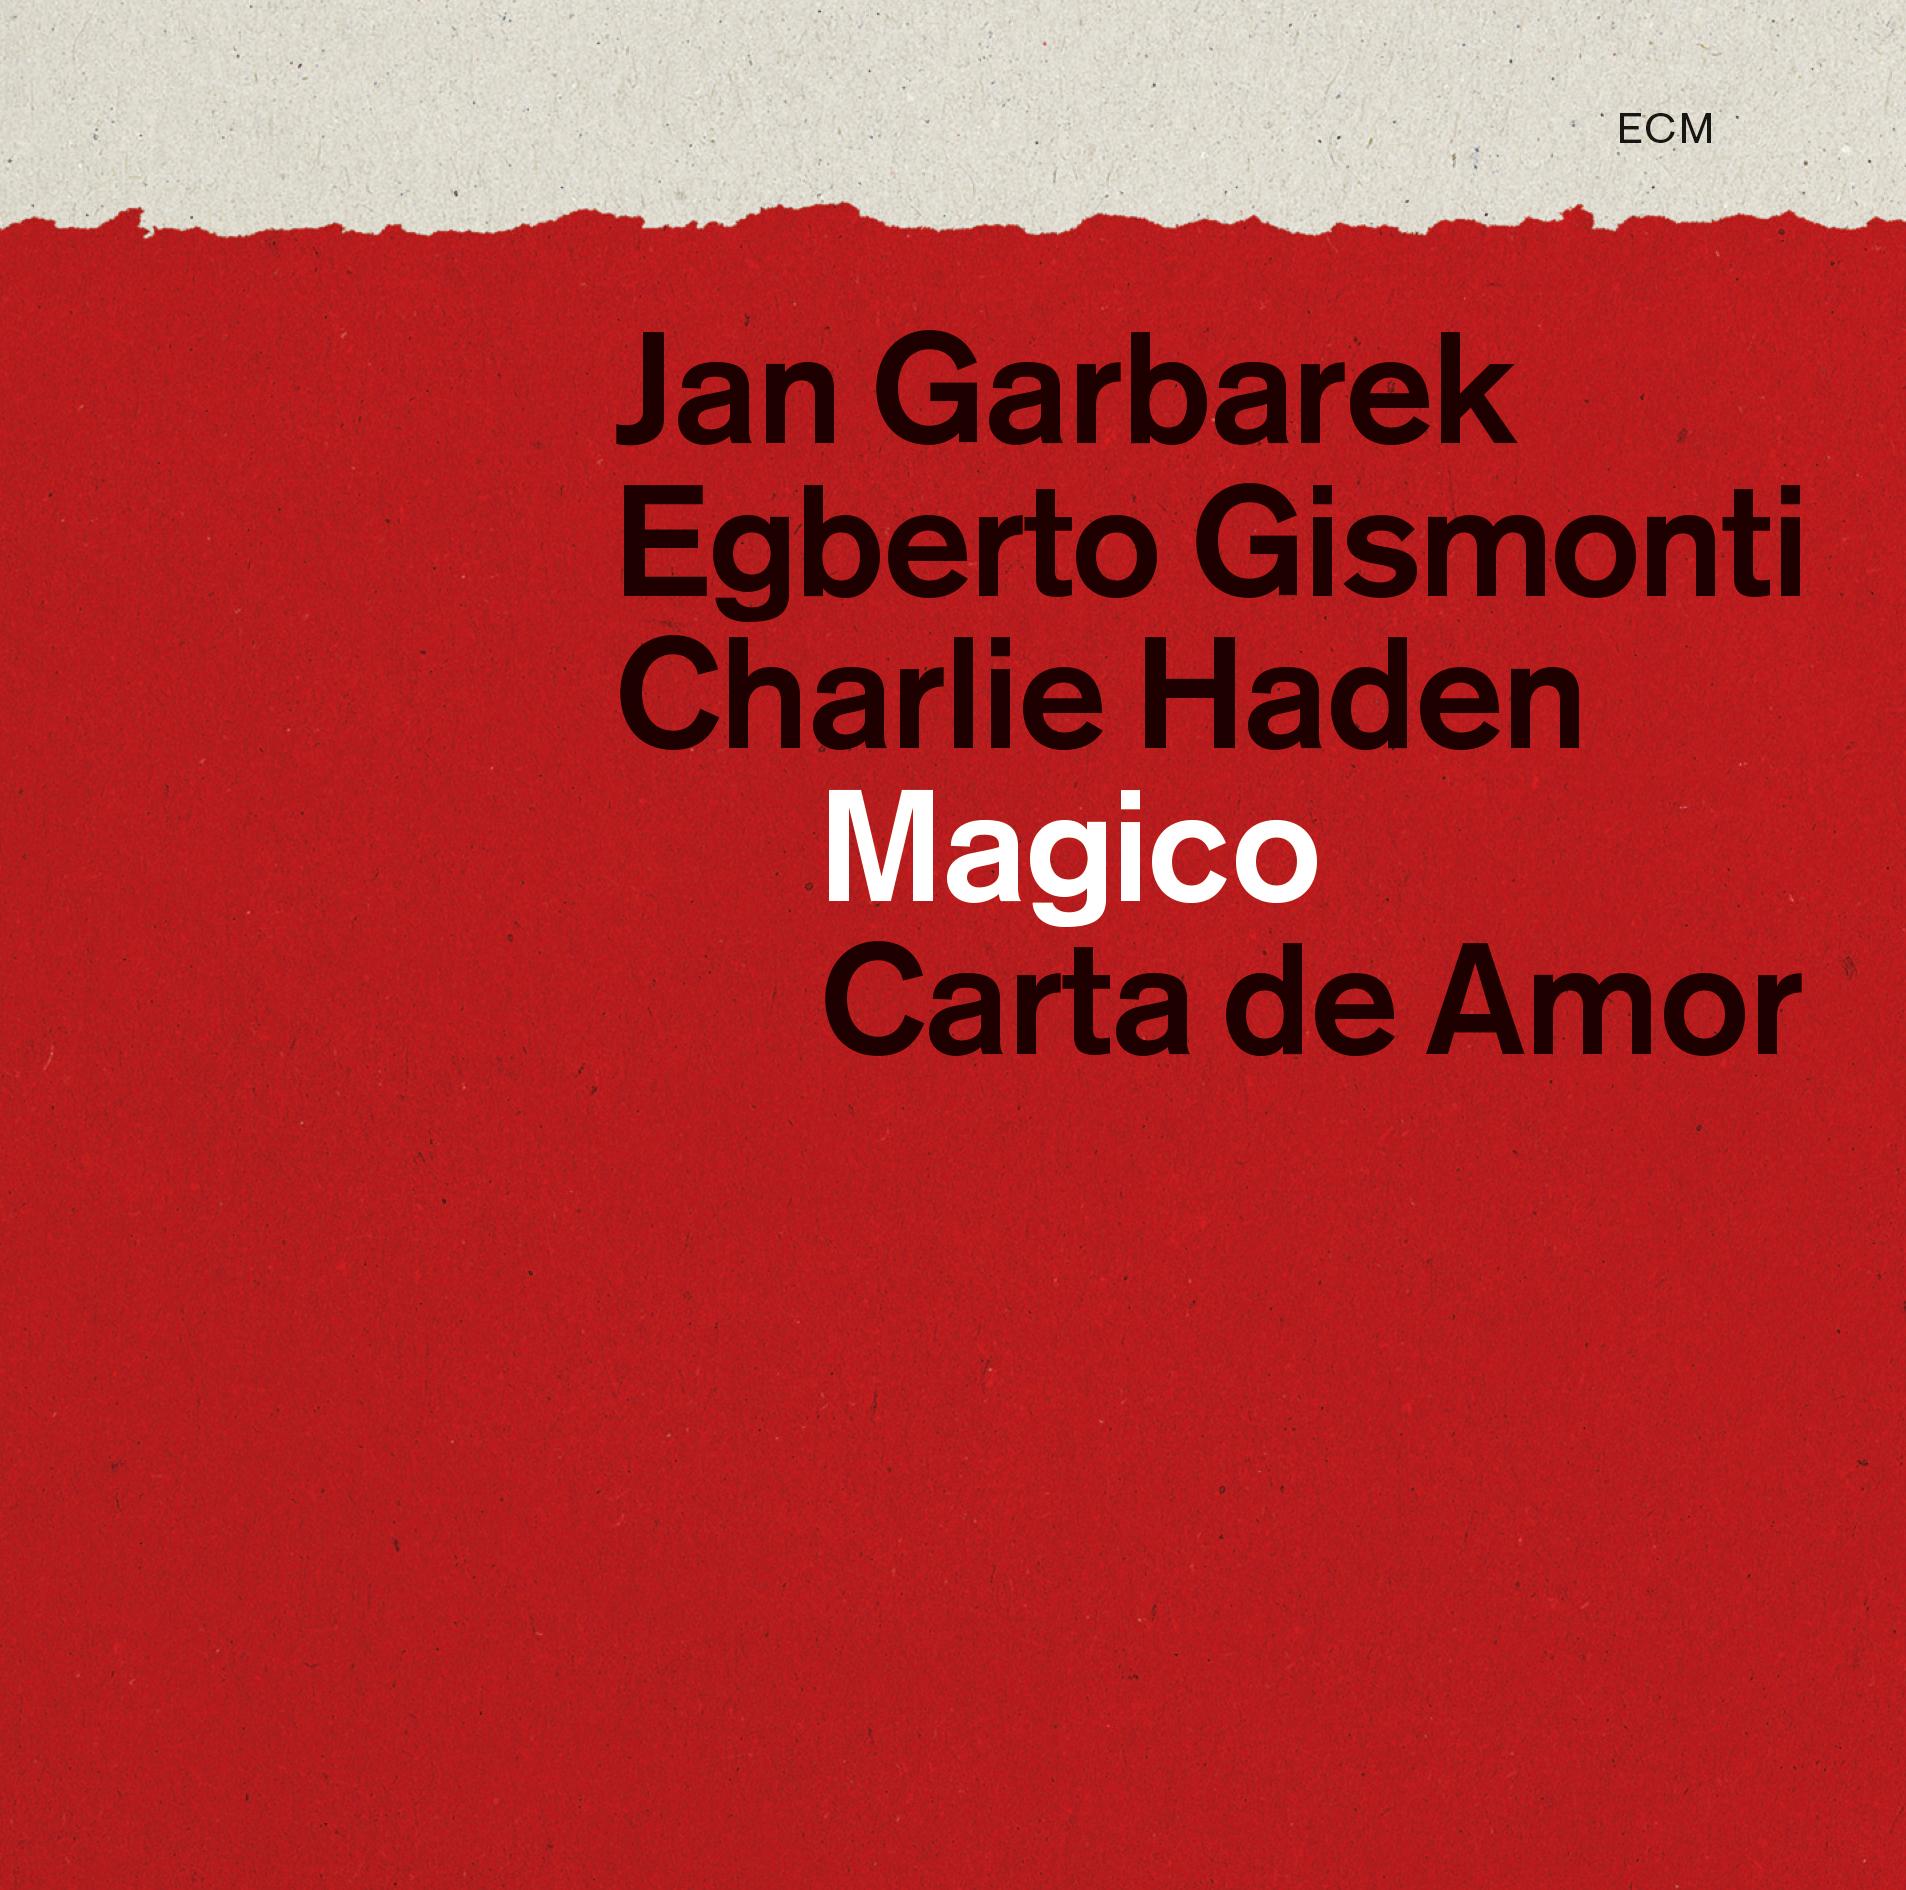 Garbarek/Gismonti/Haden: Magico – Carta de Amor (ECM 2280/81) – Between  Sound and Space: ECM Records and Beyond